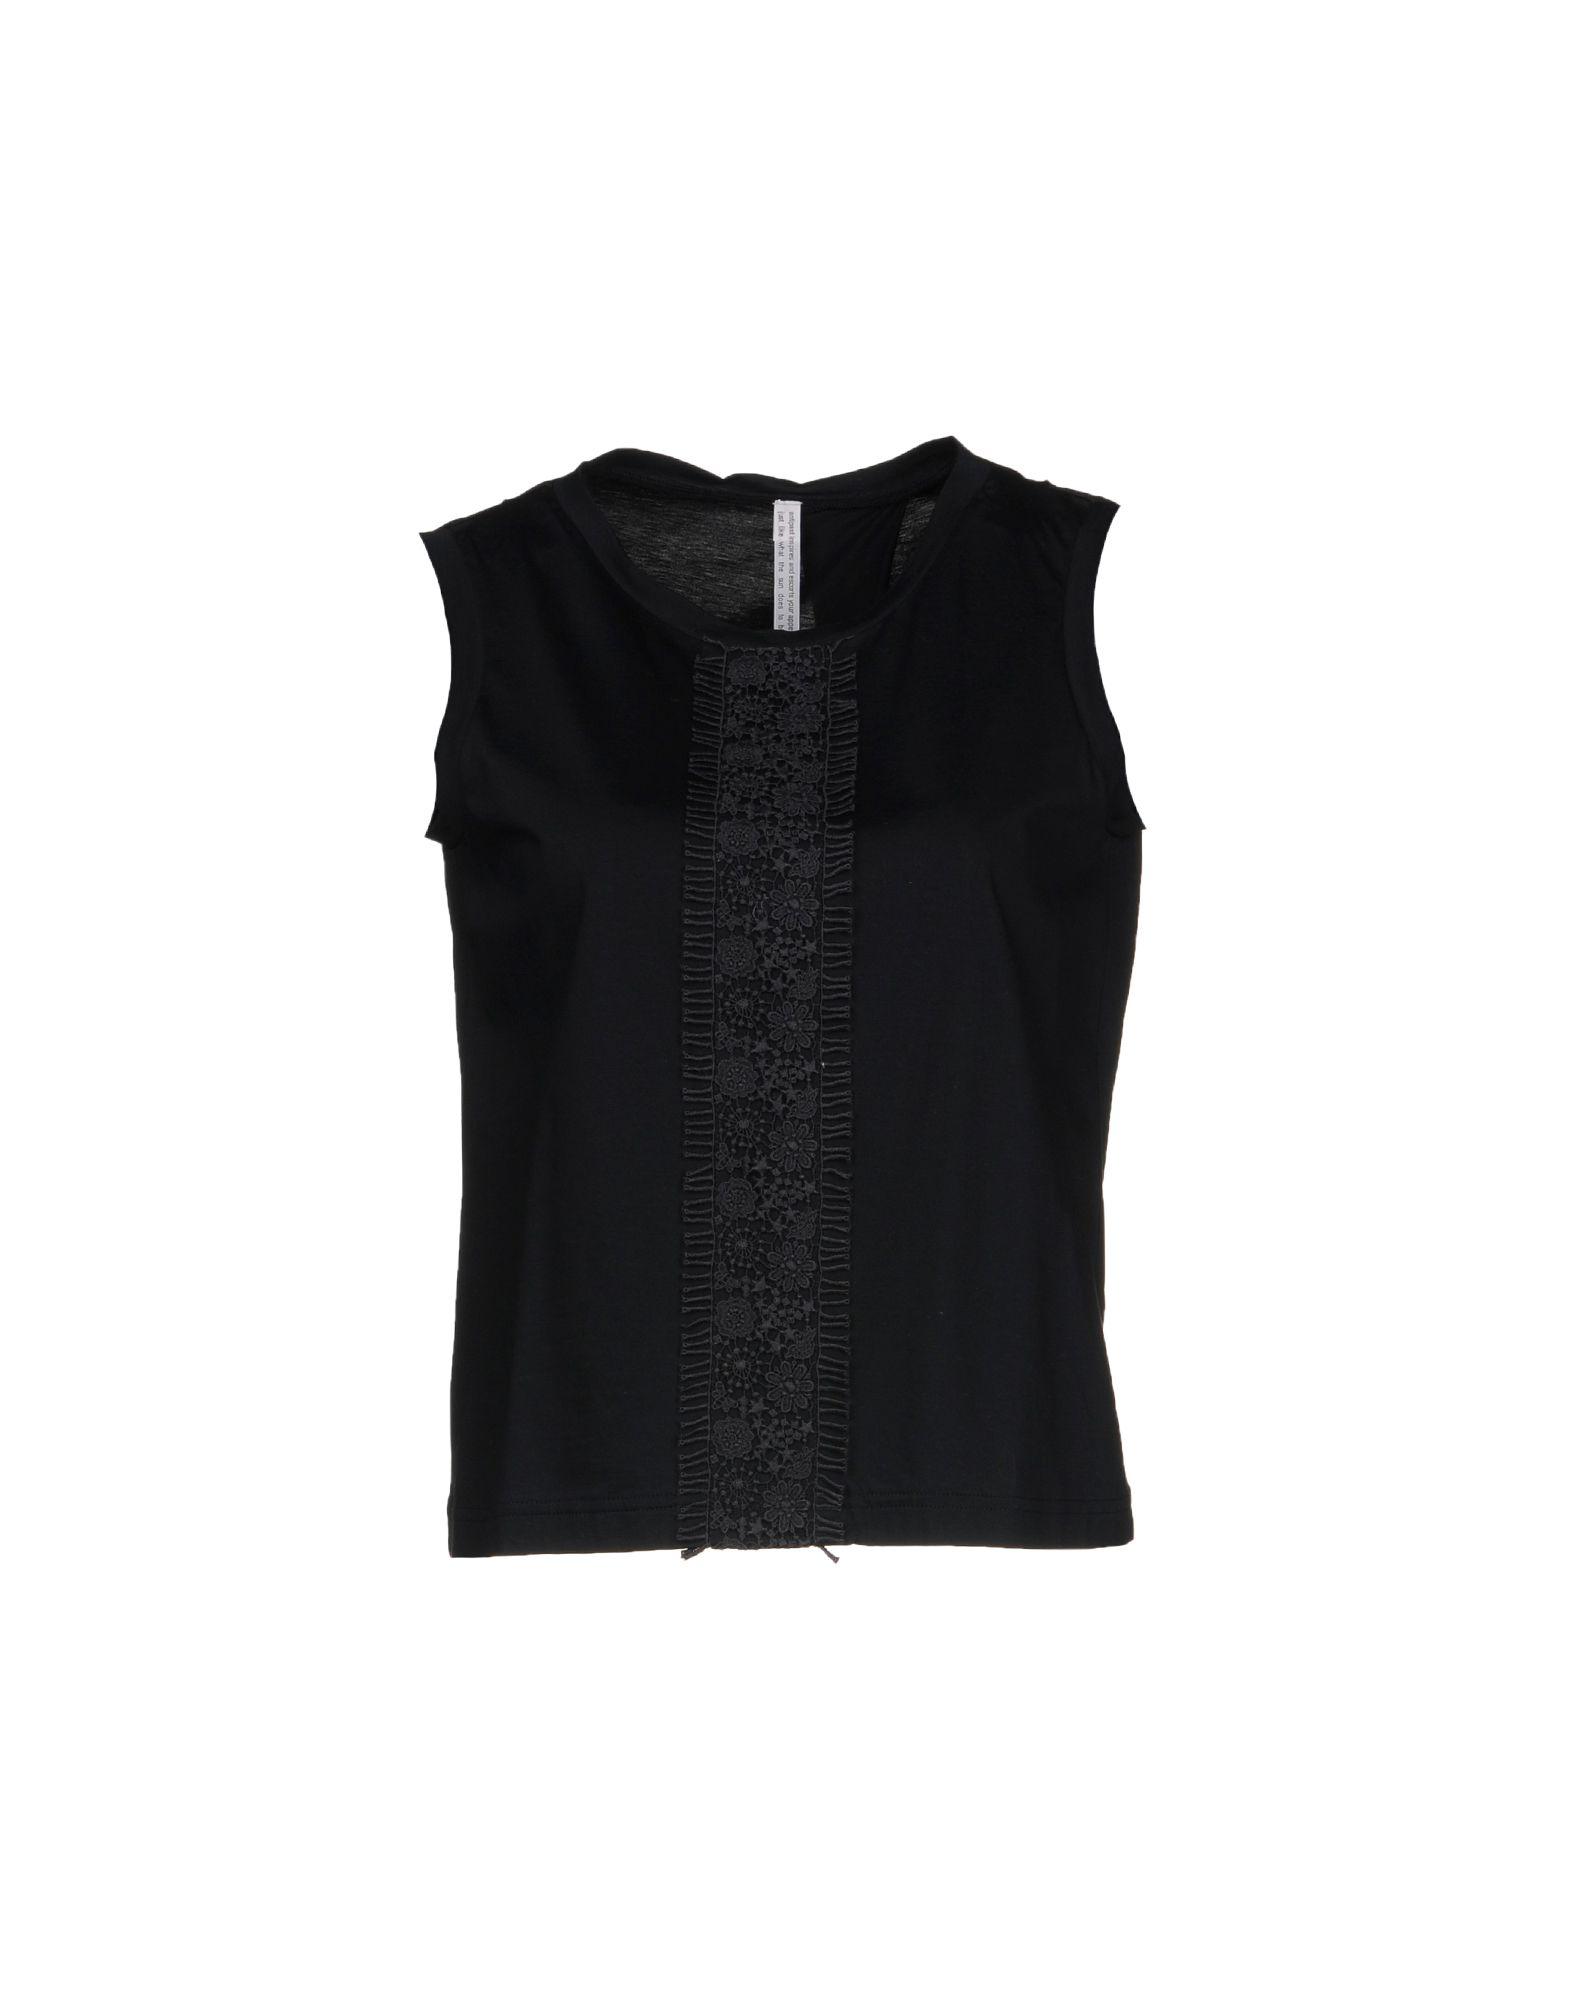 ANTIPAST T-Shirt in Black